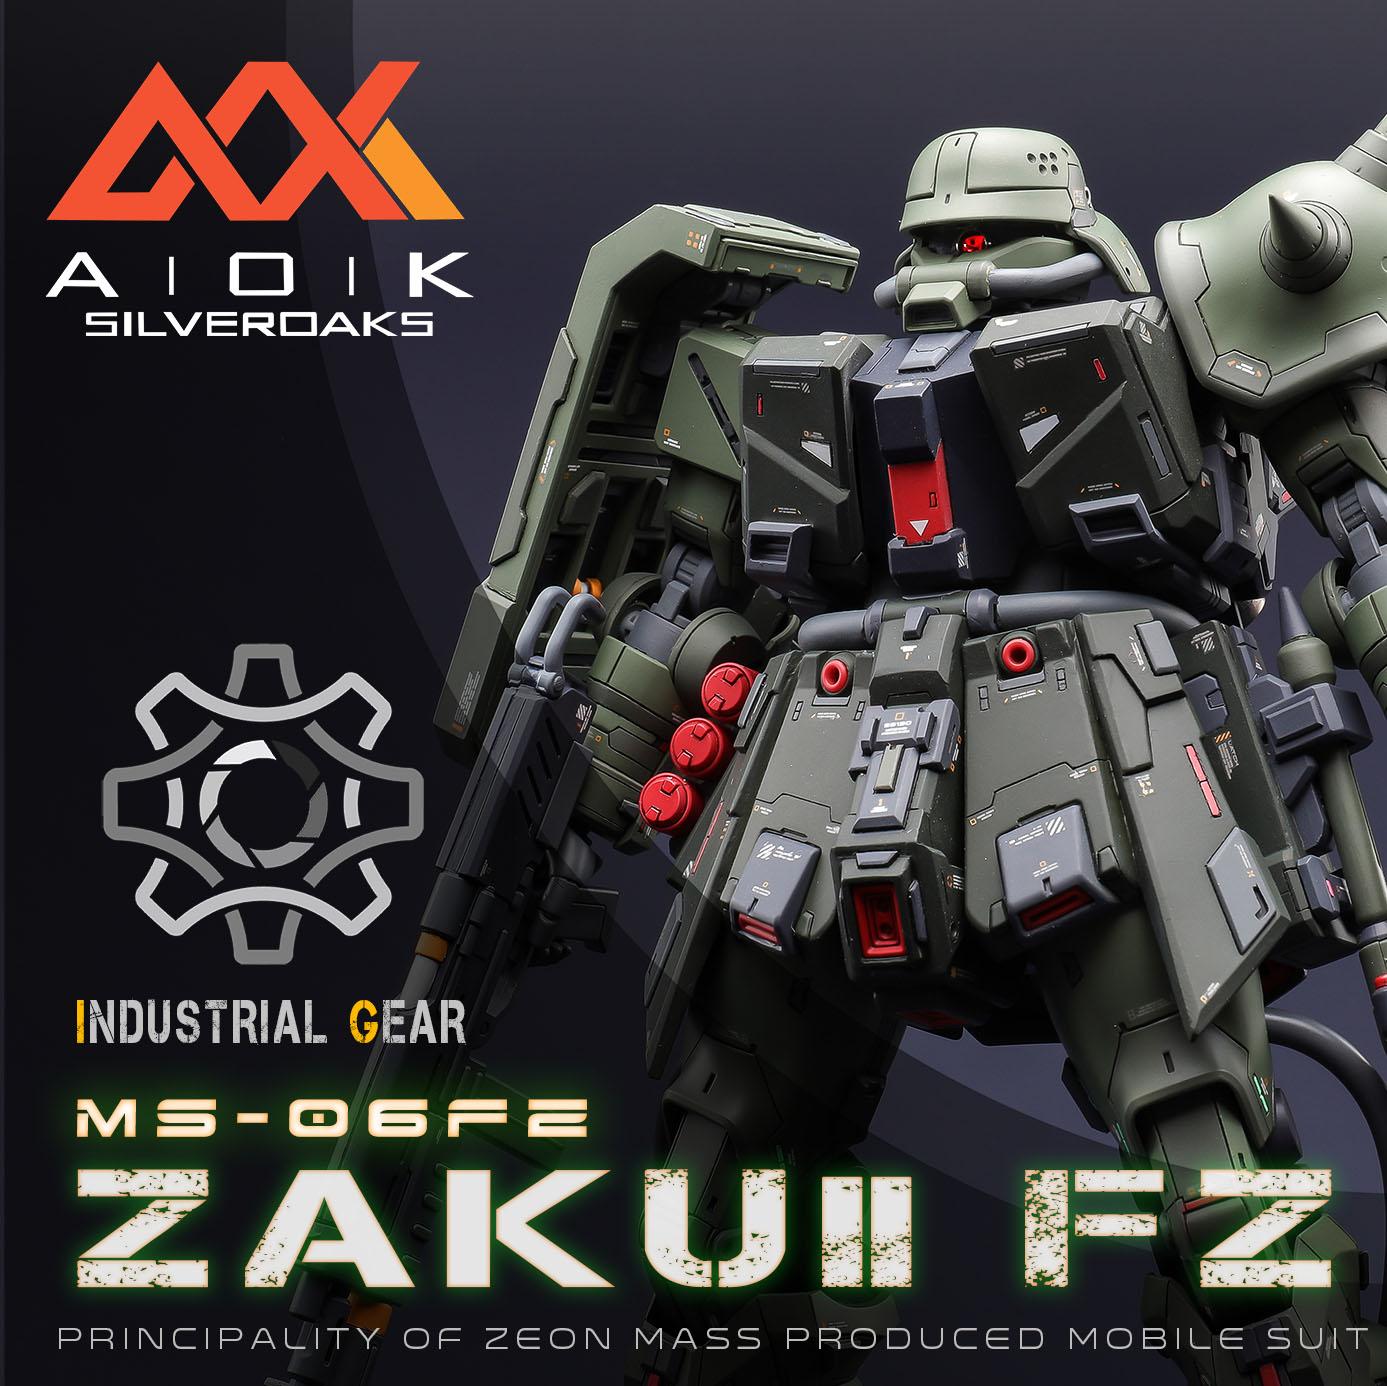 G545_re_zaku_2_001.jpg